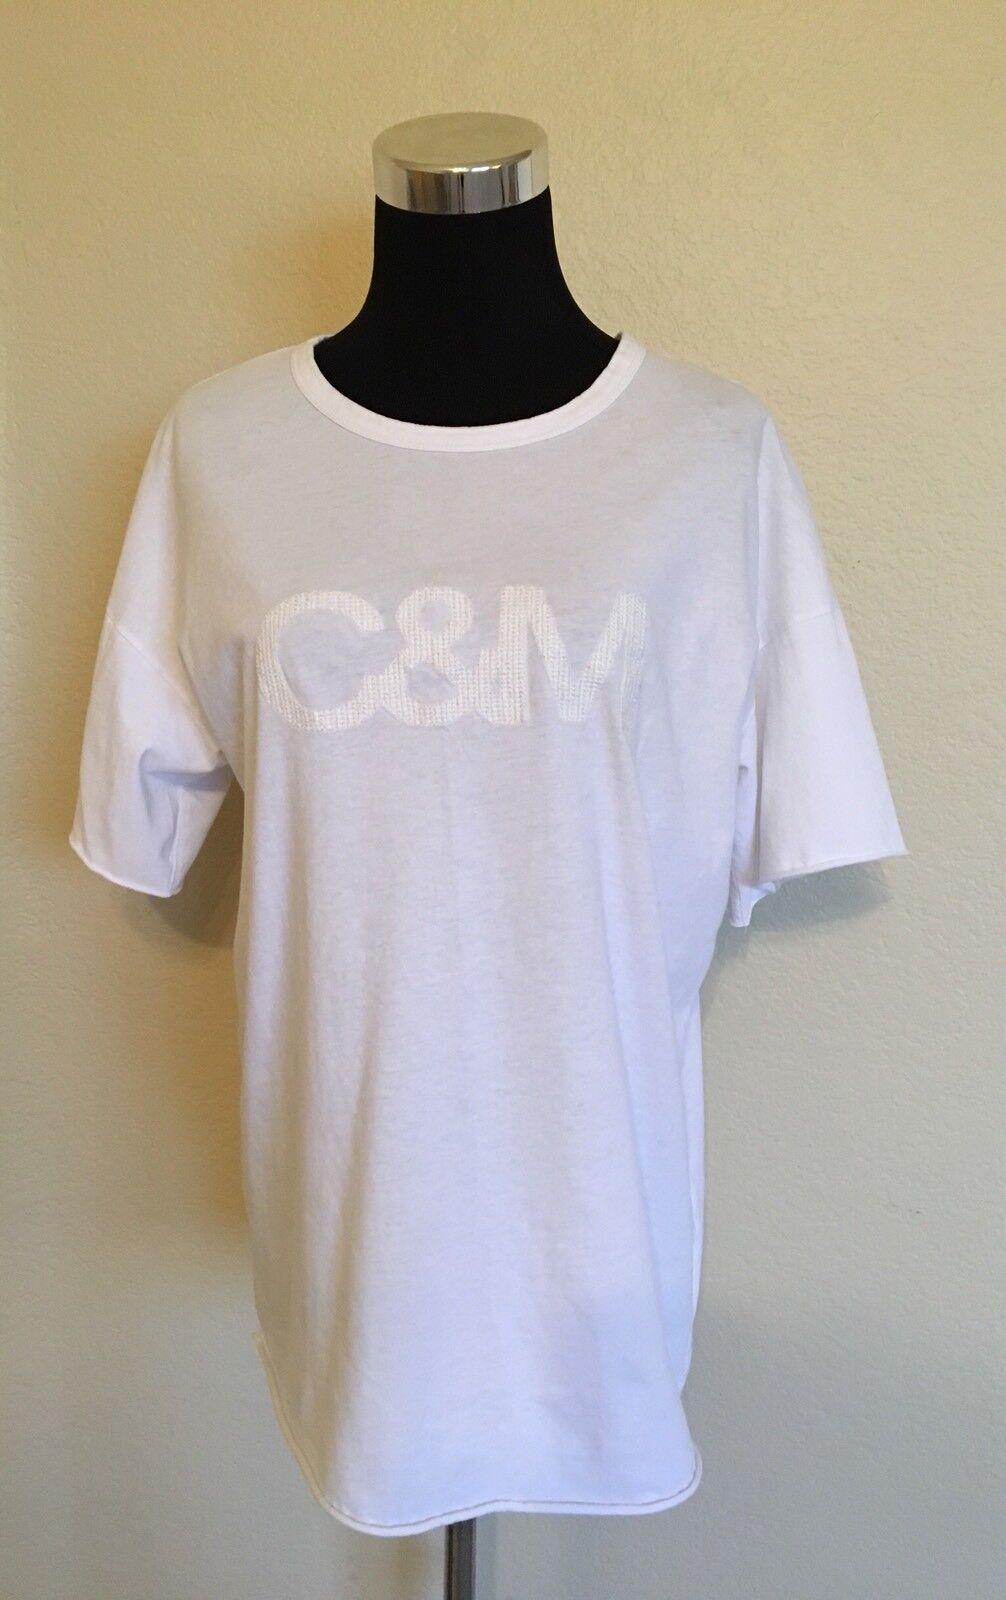 C&M CAMILLA AND MARC Weiß EMBROIDErot LOGO BOYFRIEND COTTON T-SHIRT Größe 2